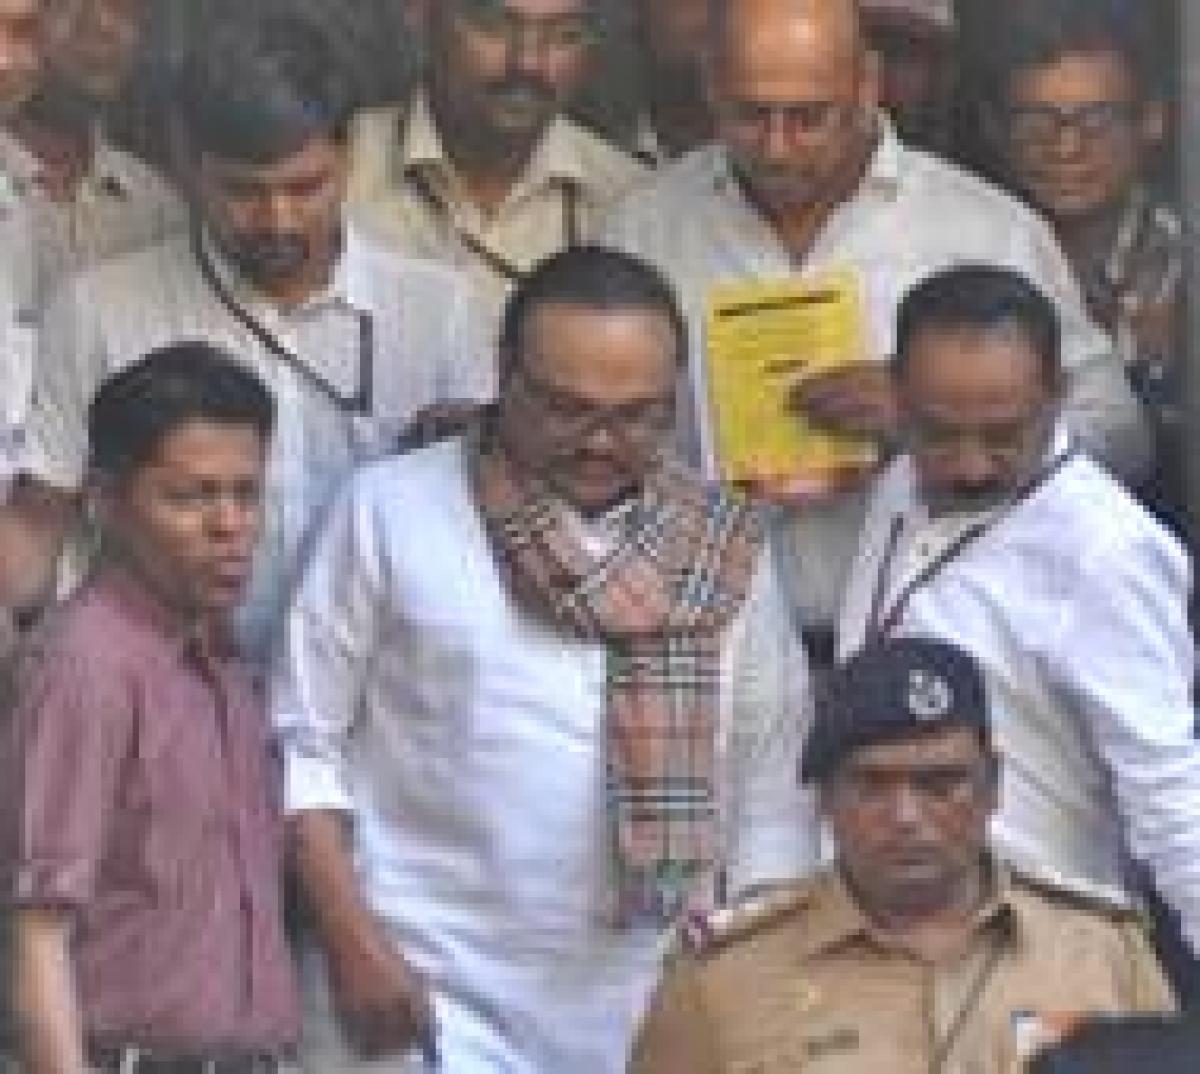 Chhagan, Sameer Bhujbal's judicial custody extended till May 25